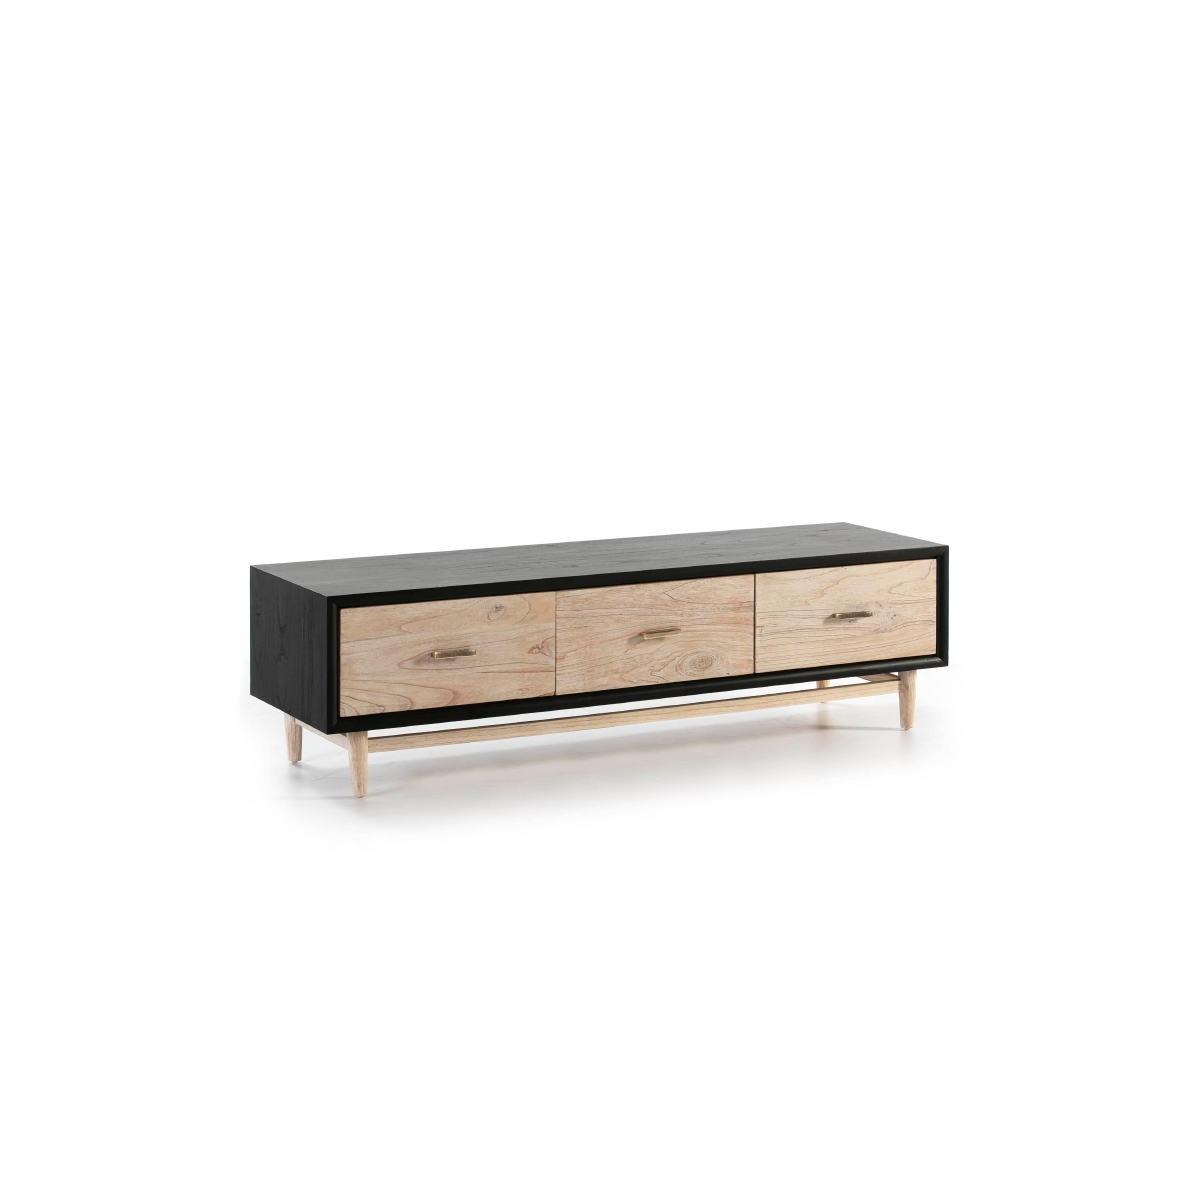 meuble tv 3 tiroirs 160x45x45 bois noir beige rustique amp story 7327